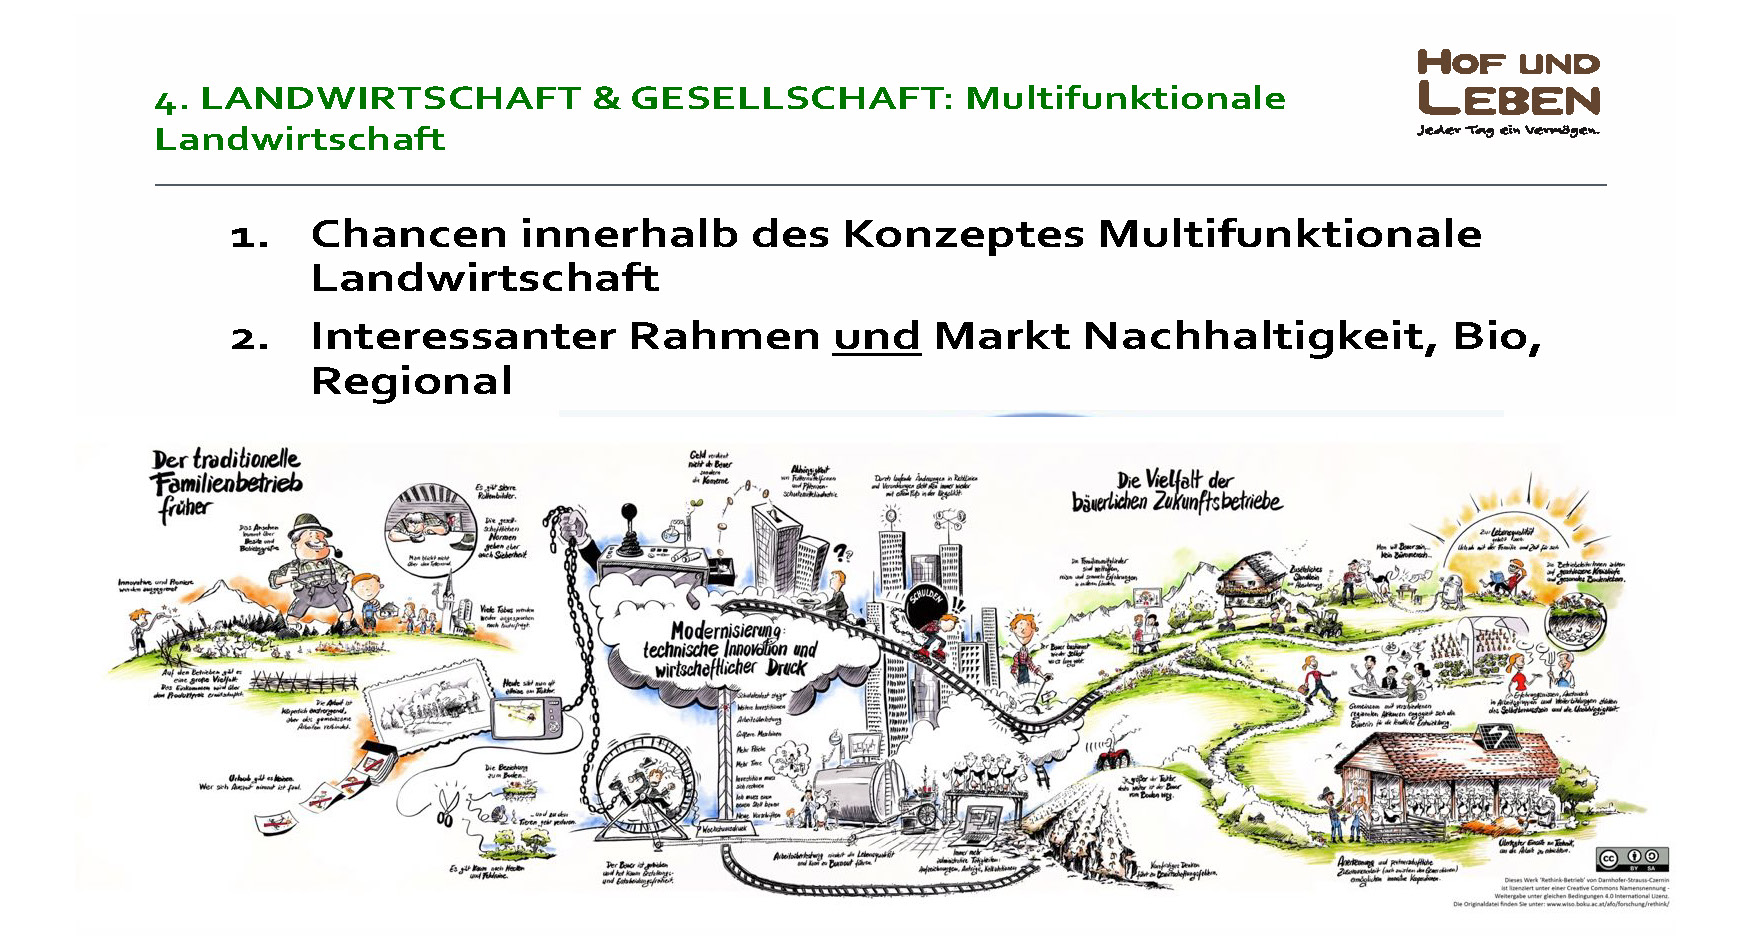 MultifunktionaleLandwirtschaft_Seite_10